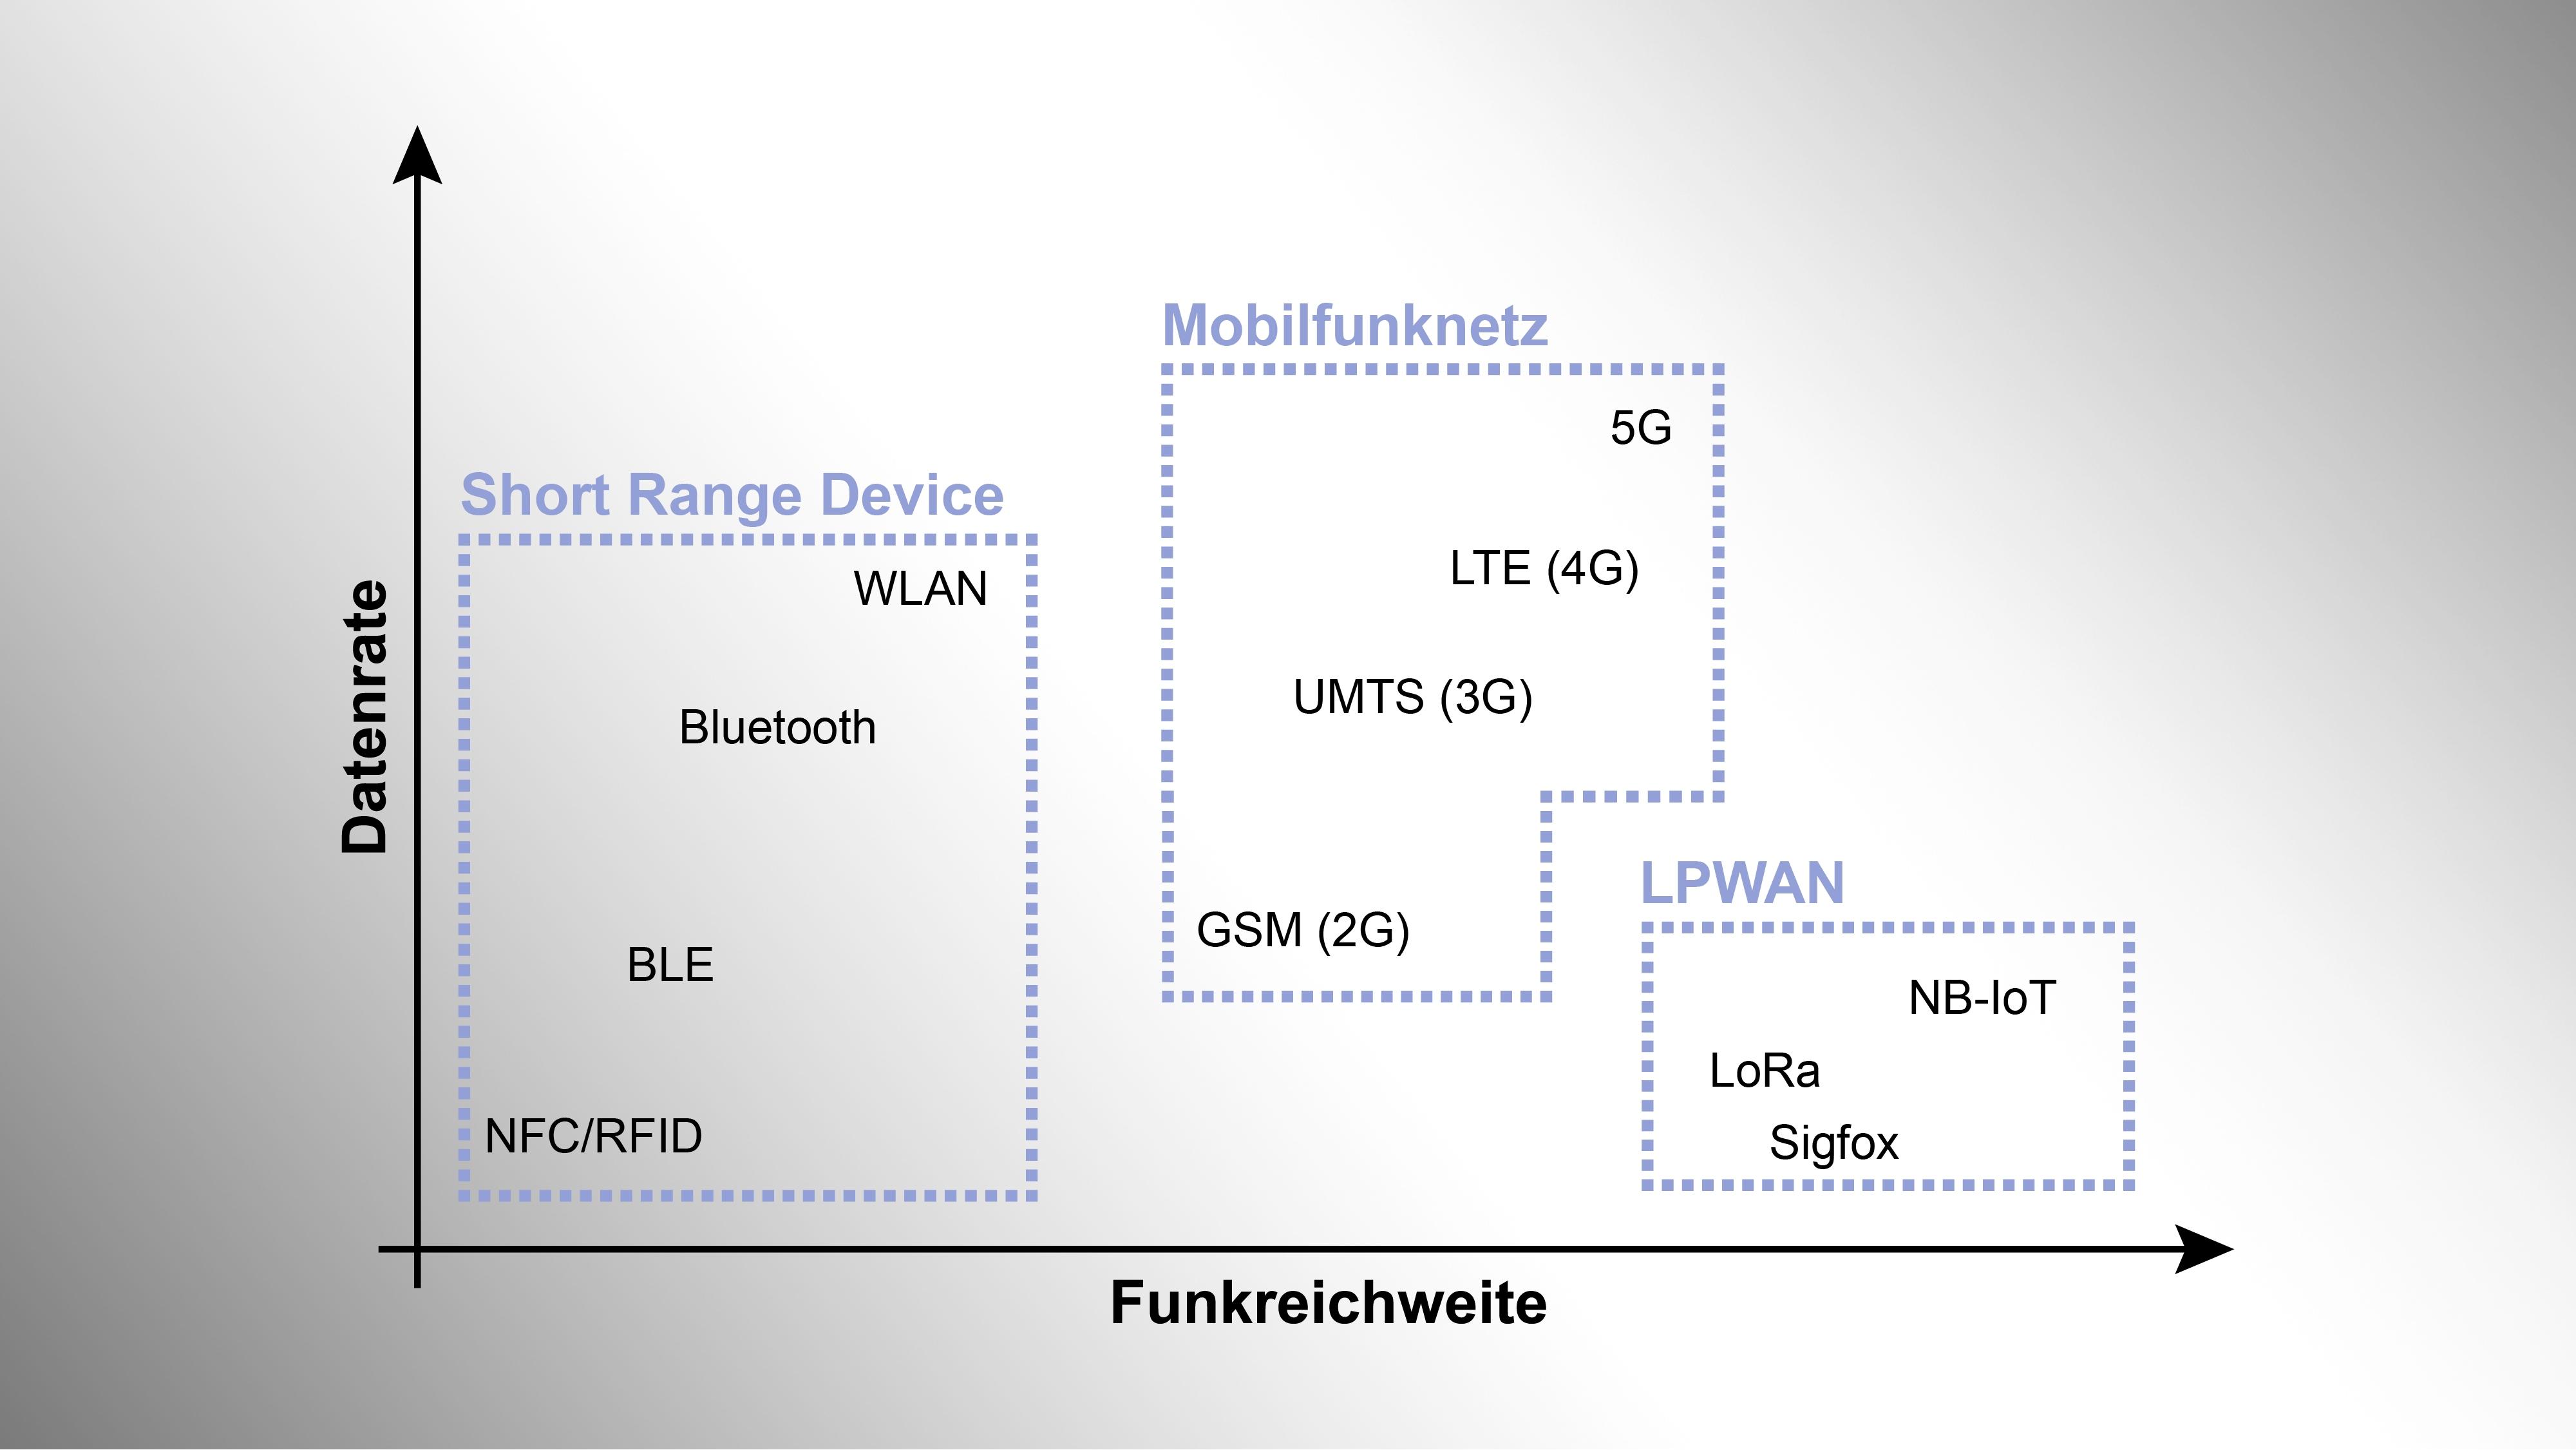 Eigenschaften_Funktechnologien.jpg#asset:1393